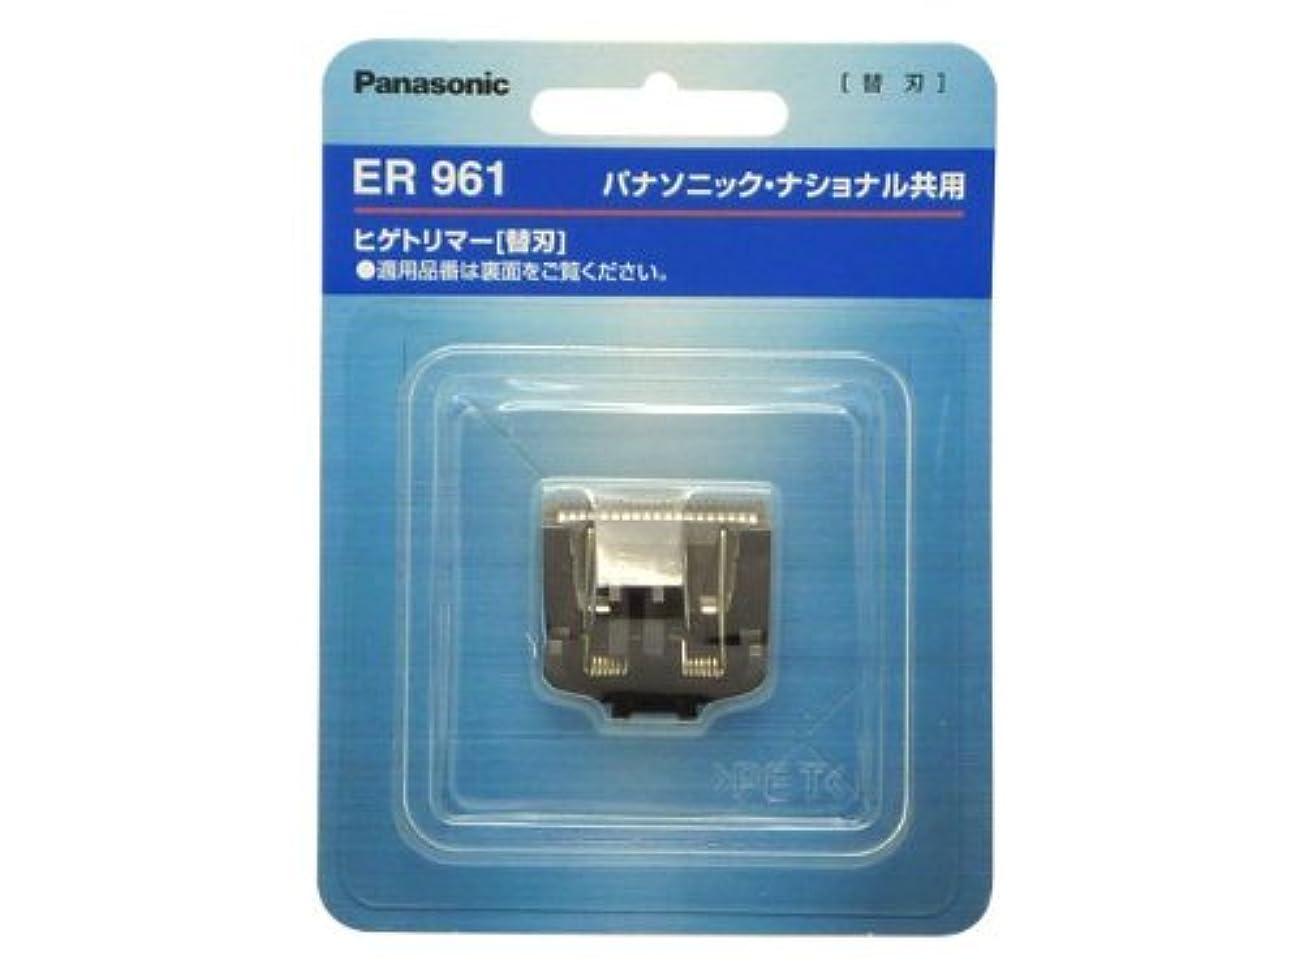 パナソニック 替刃 ヒゲトリマー用 ER961